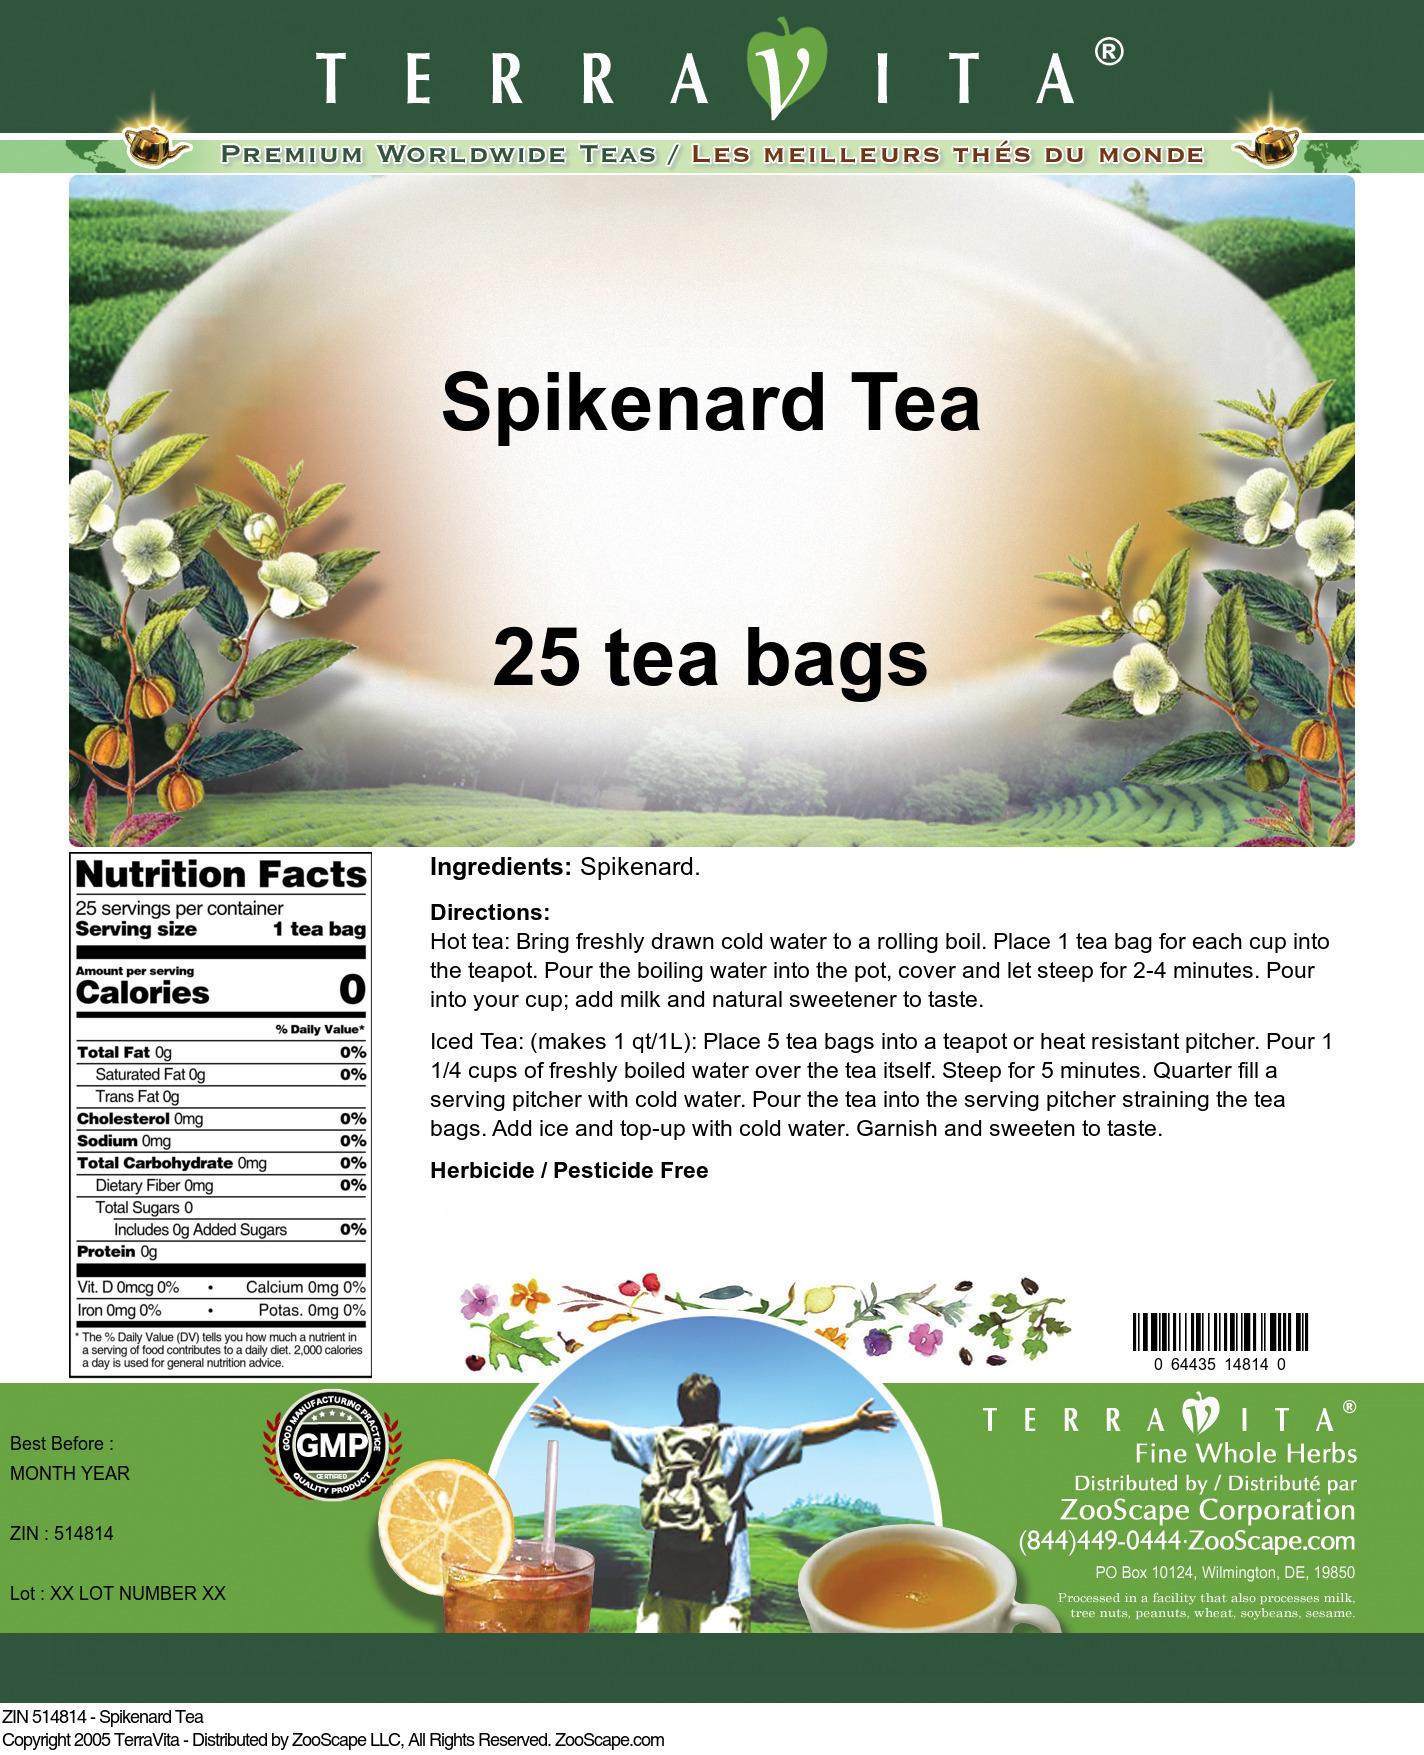 Spikenard Tea